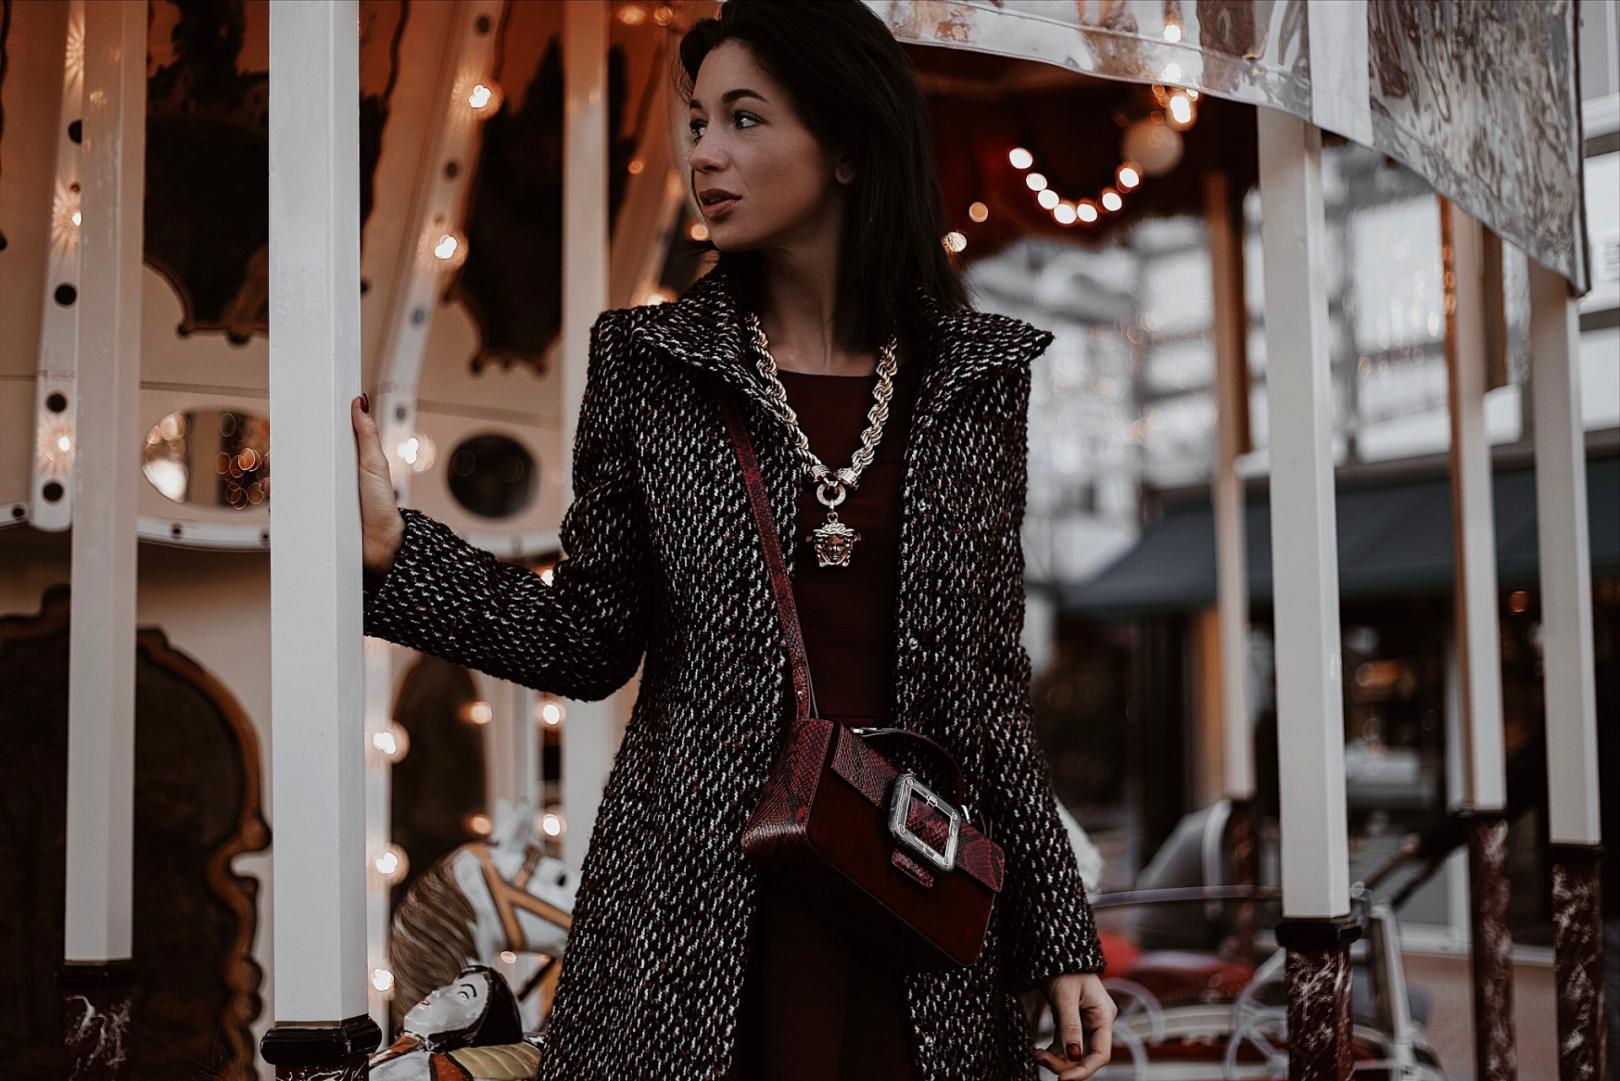 designer-outlet-roermond-shoppen-tipps-einkuafen-mode-blog-couture-de-coeur-jasmin-kessler